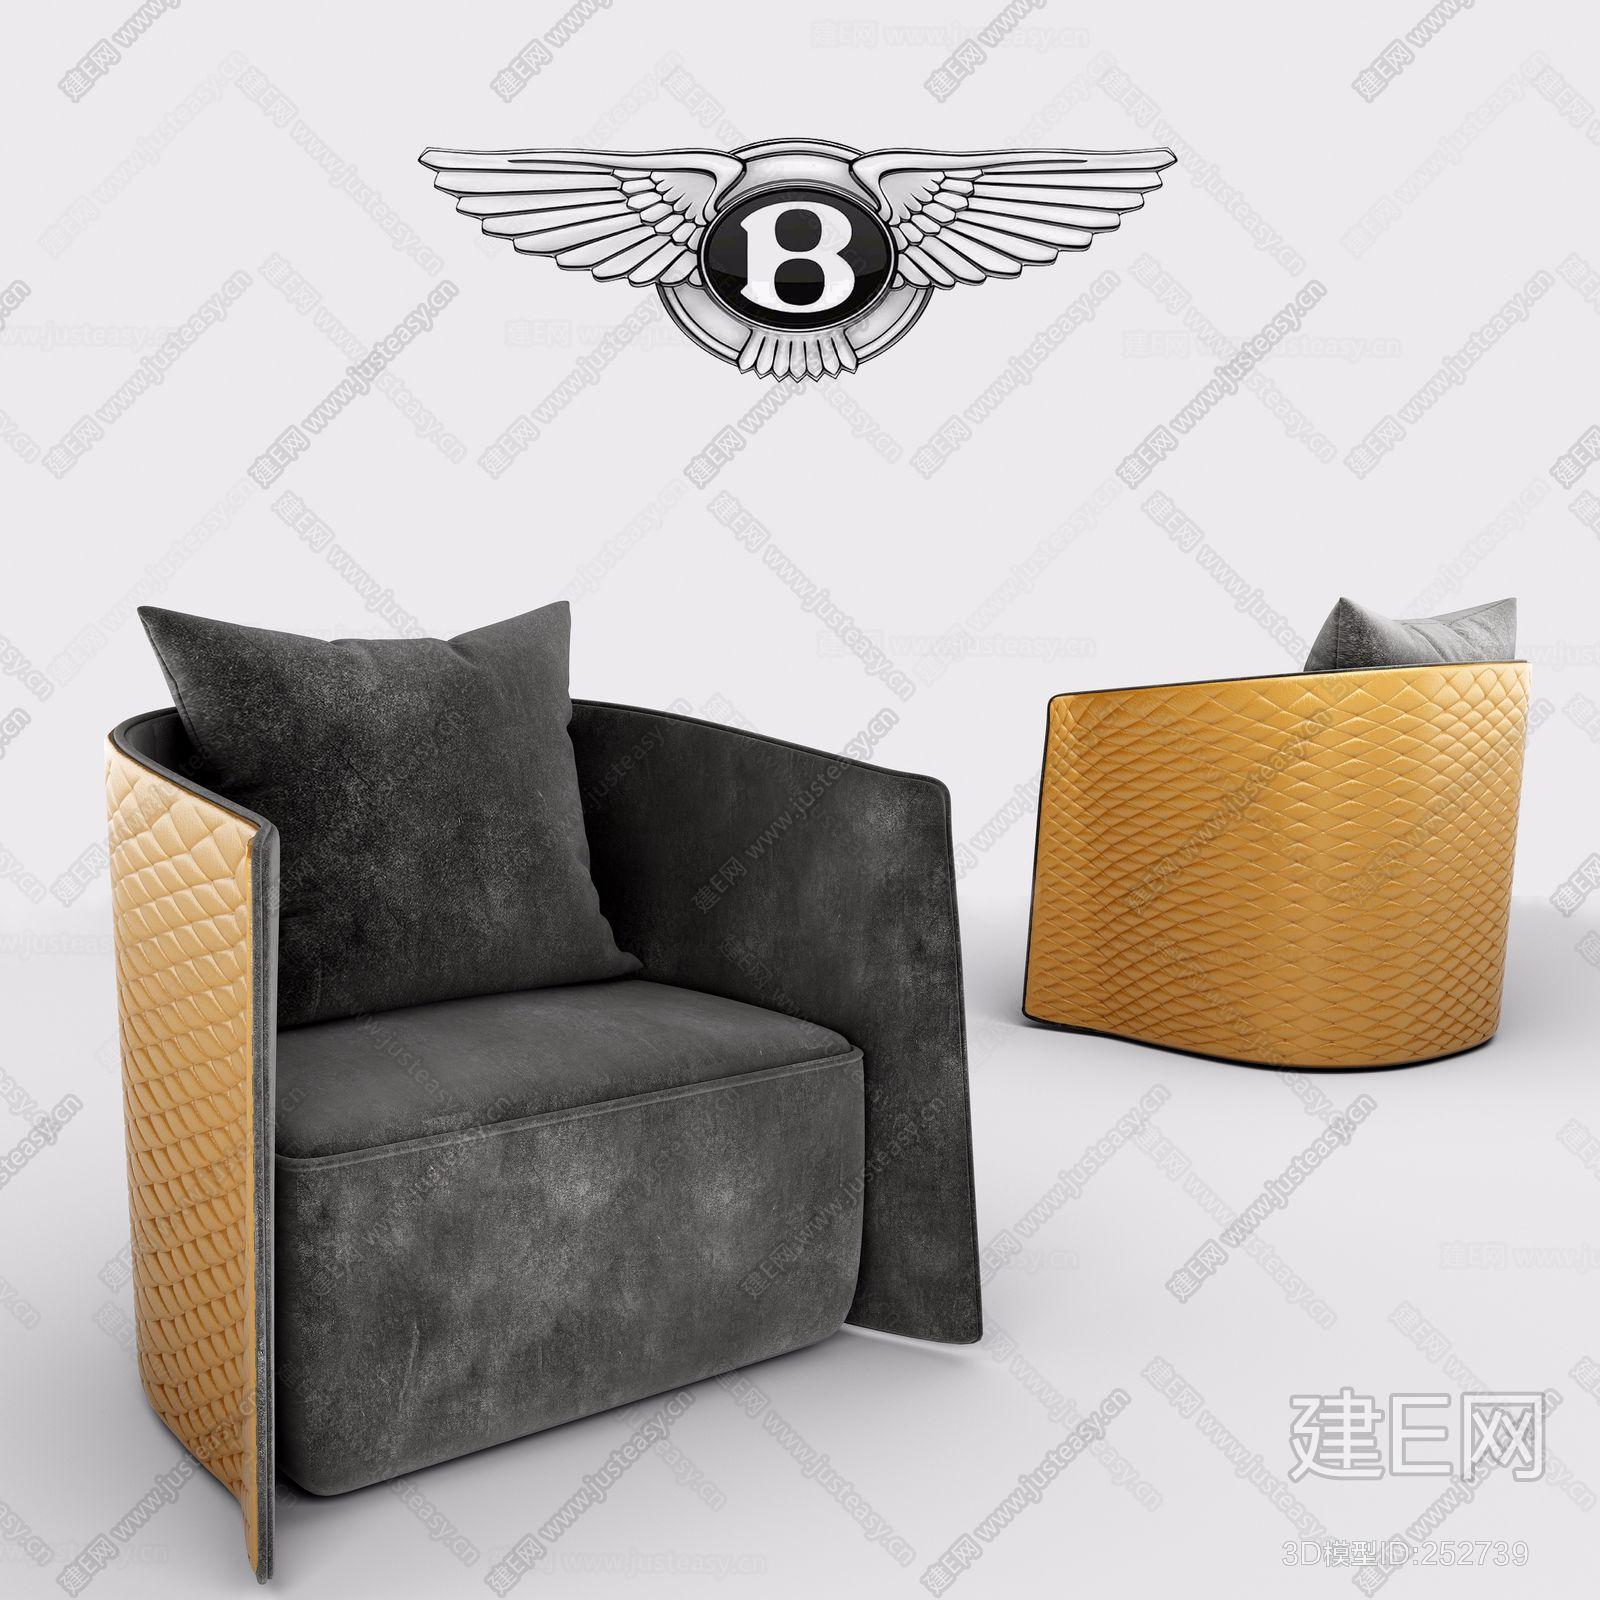 意大利 宾利 Bentley Home单人沙发轻奢高端椅ID:252739